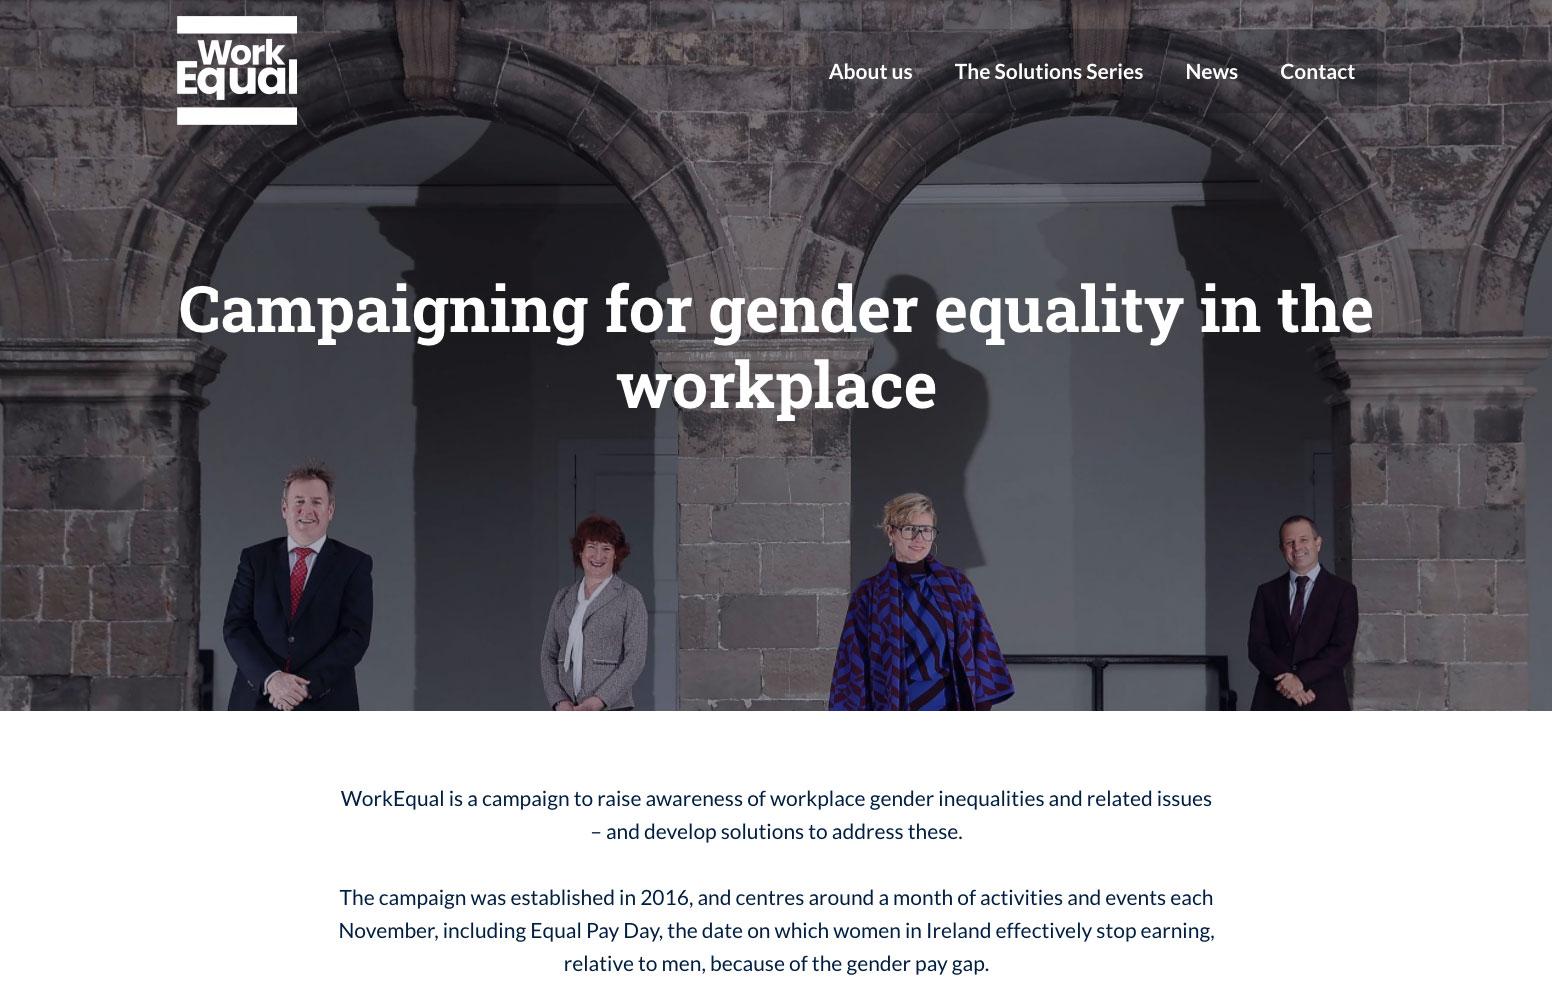 WorkEqual website 2